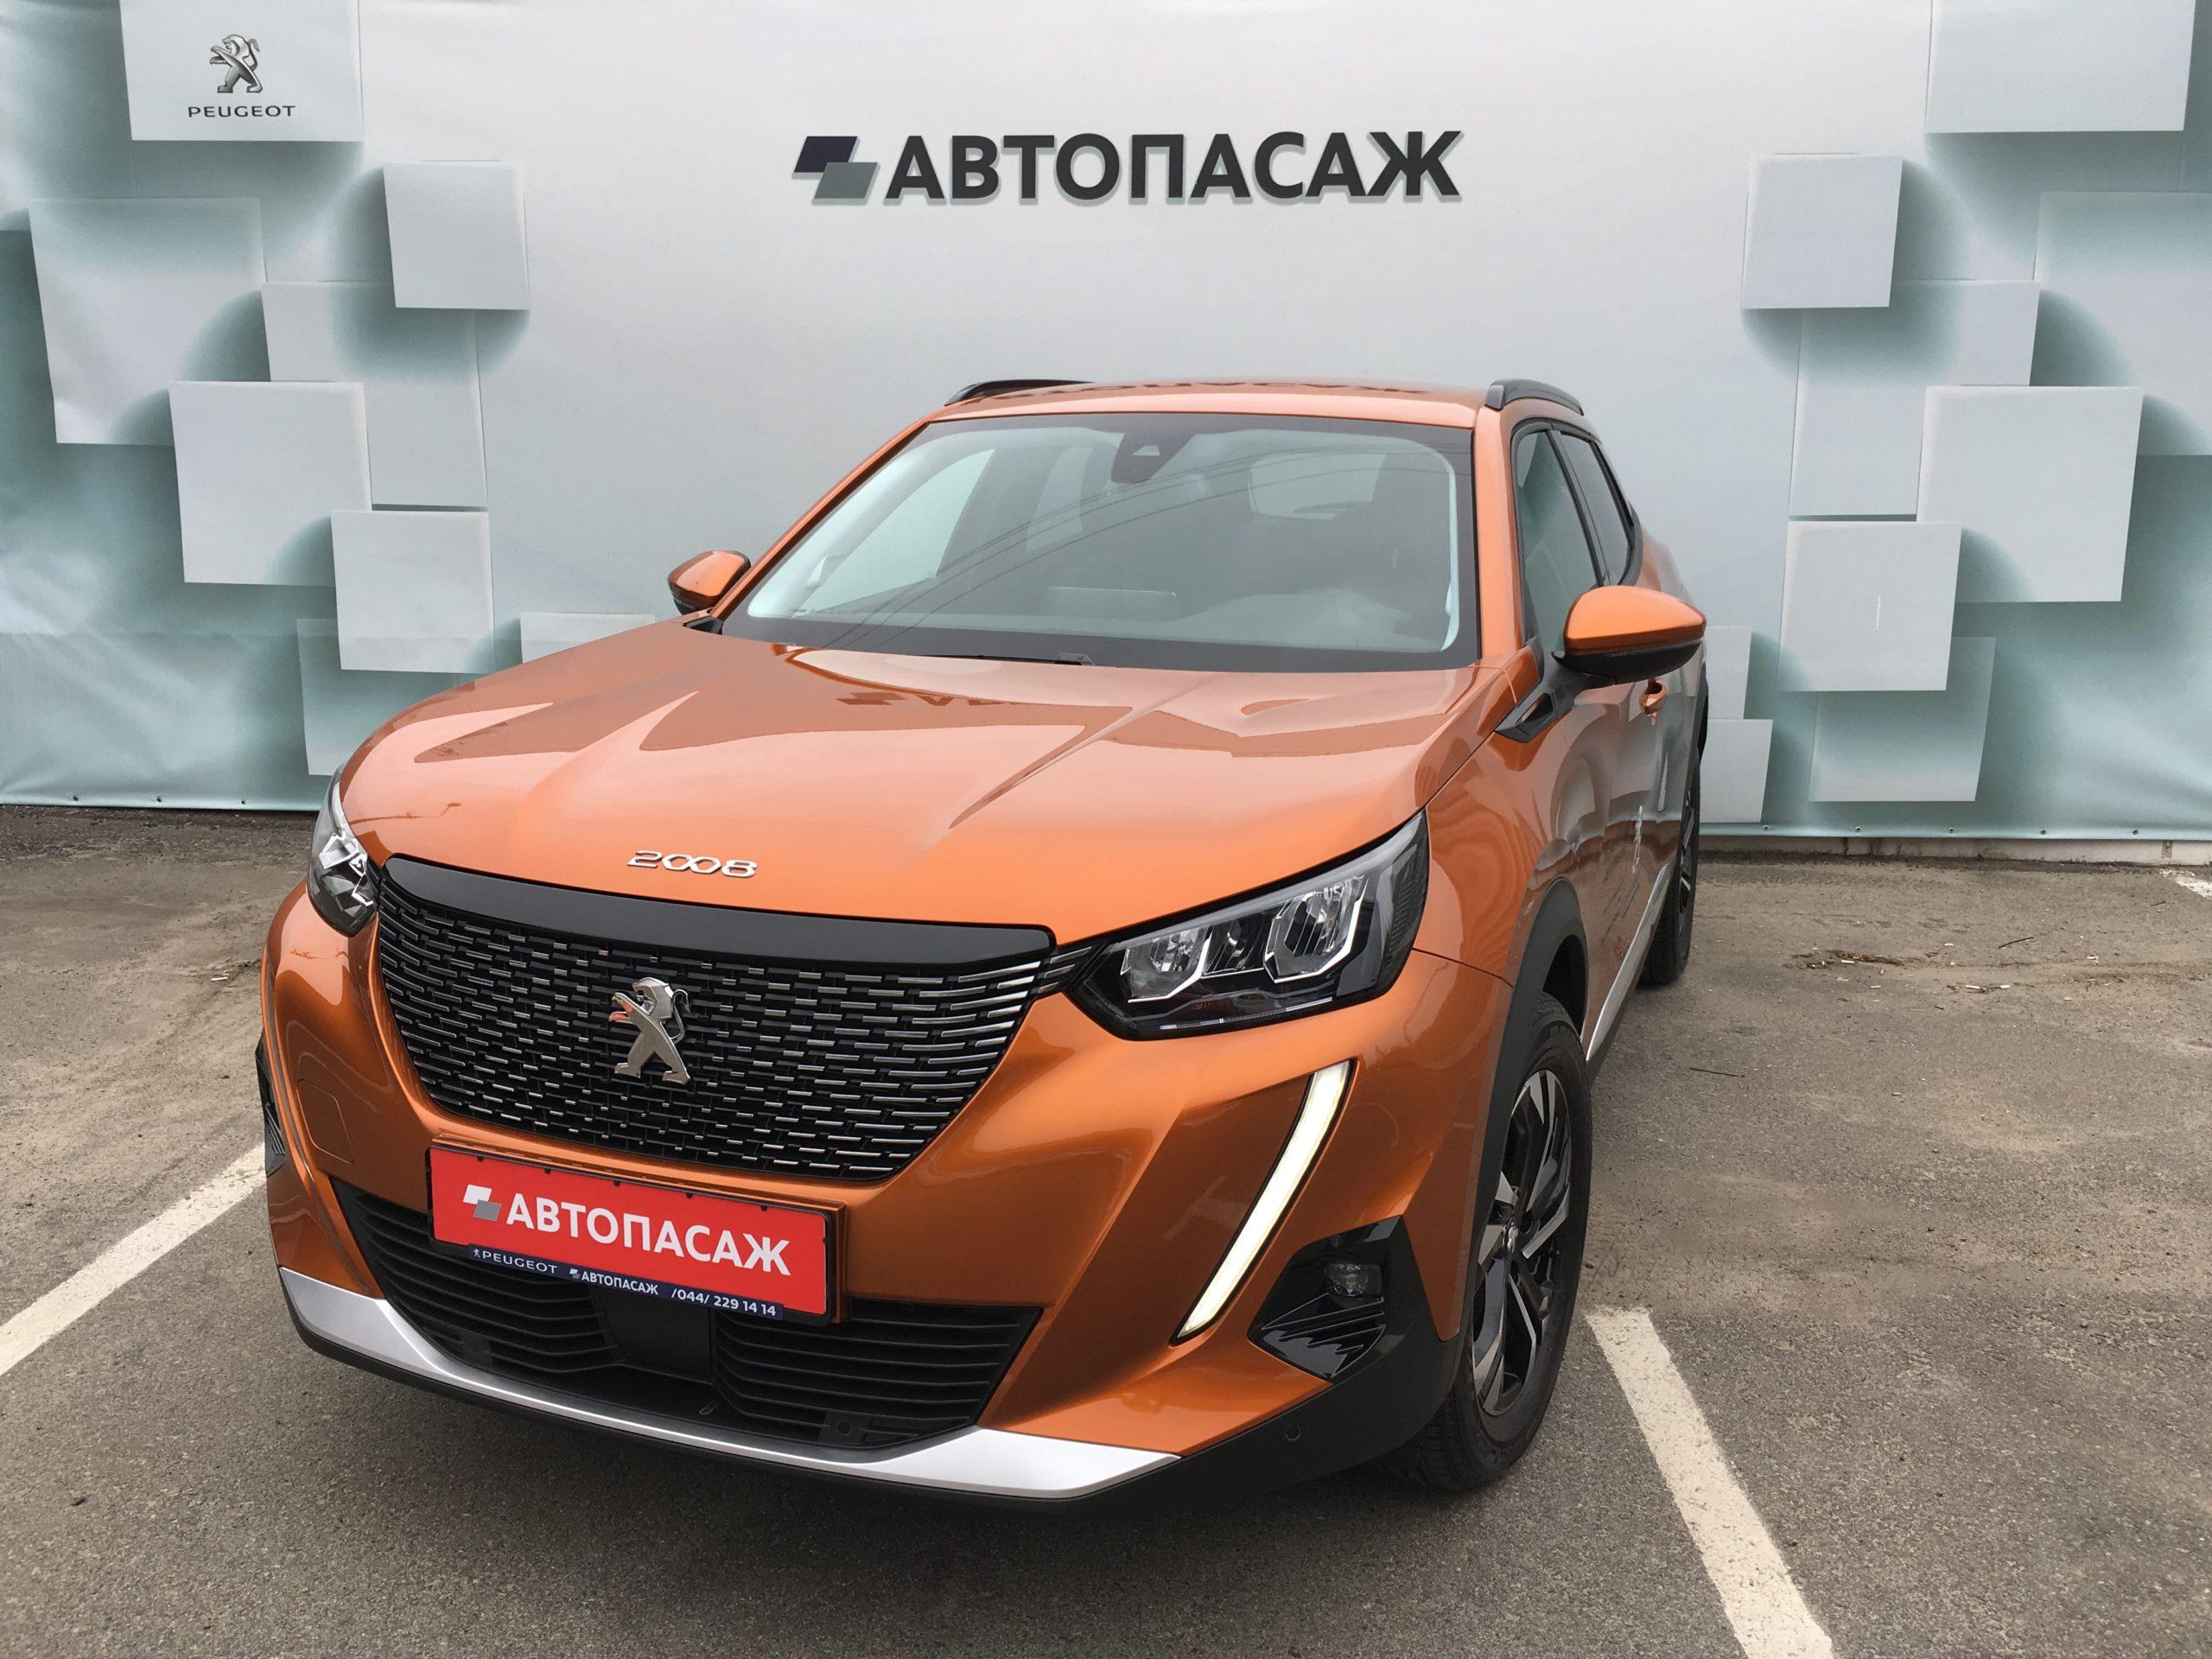 Peugeot New 2008 Allure Orange